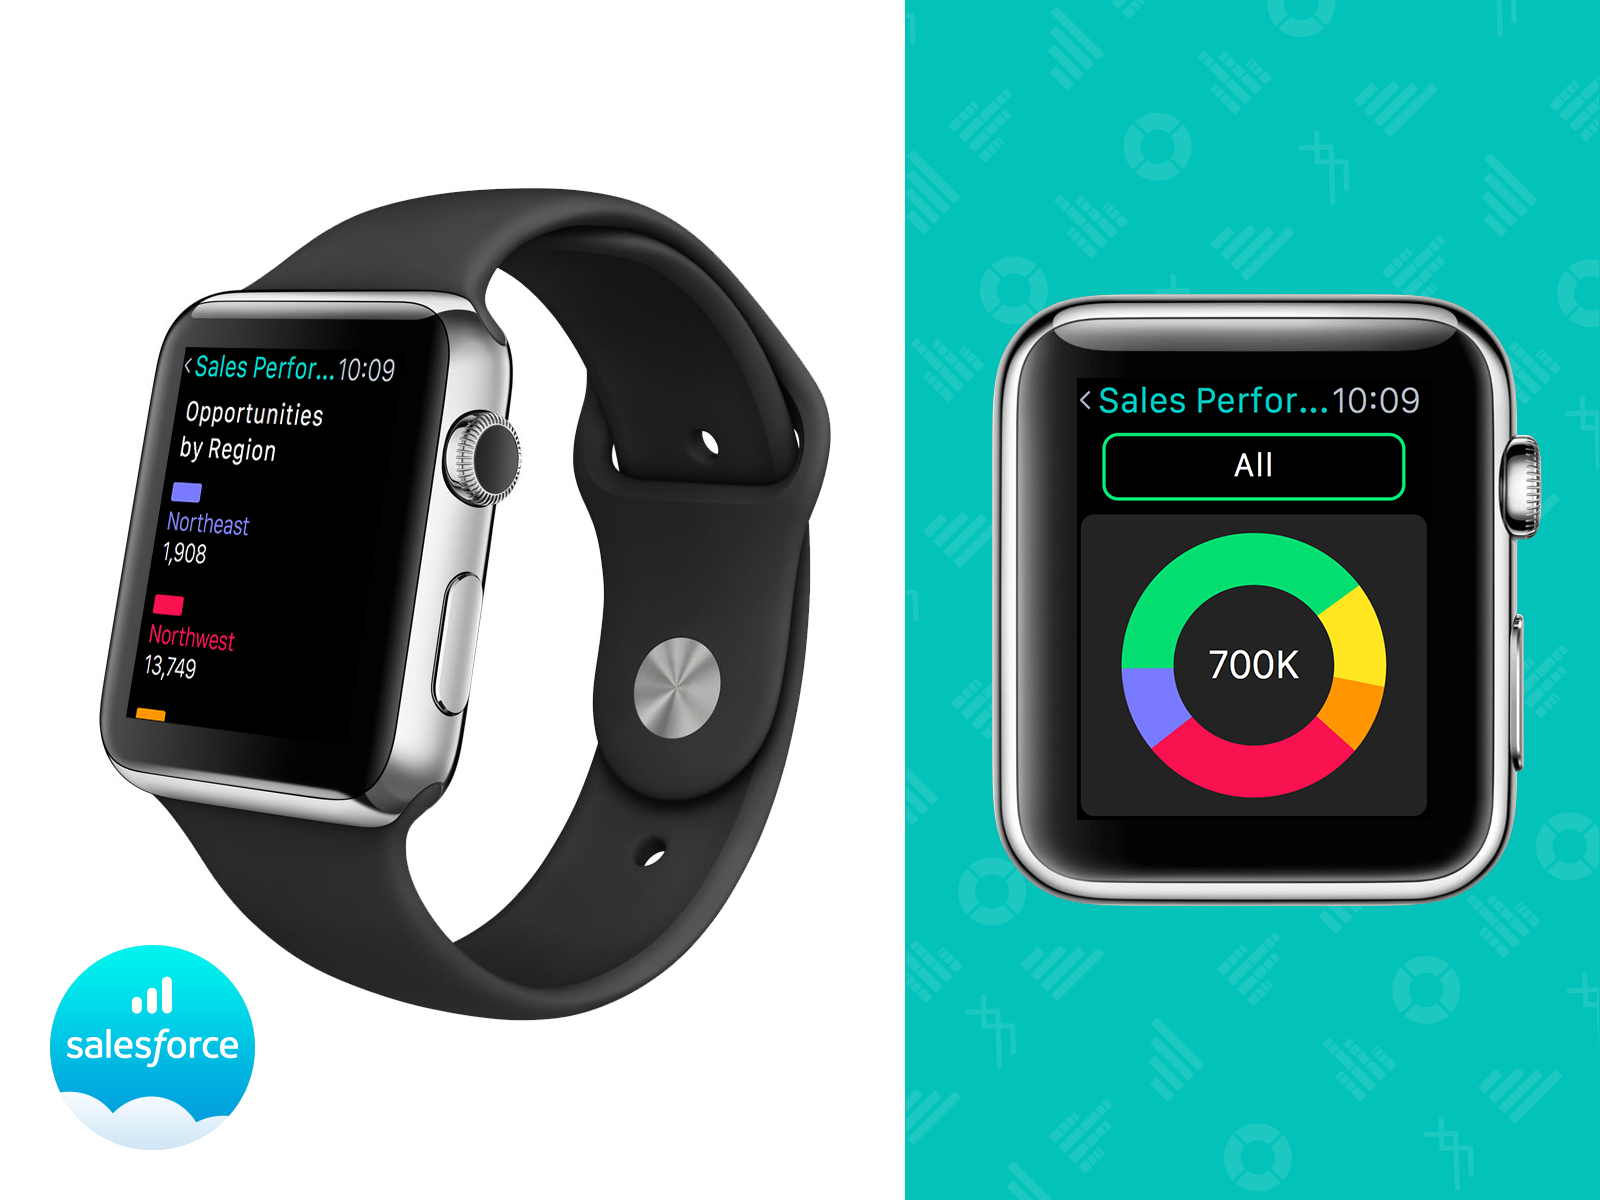 Salesforce analytics apple watch dounut graph v2